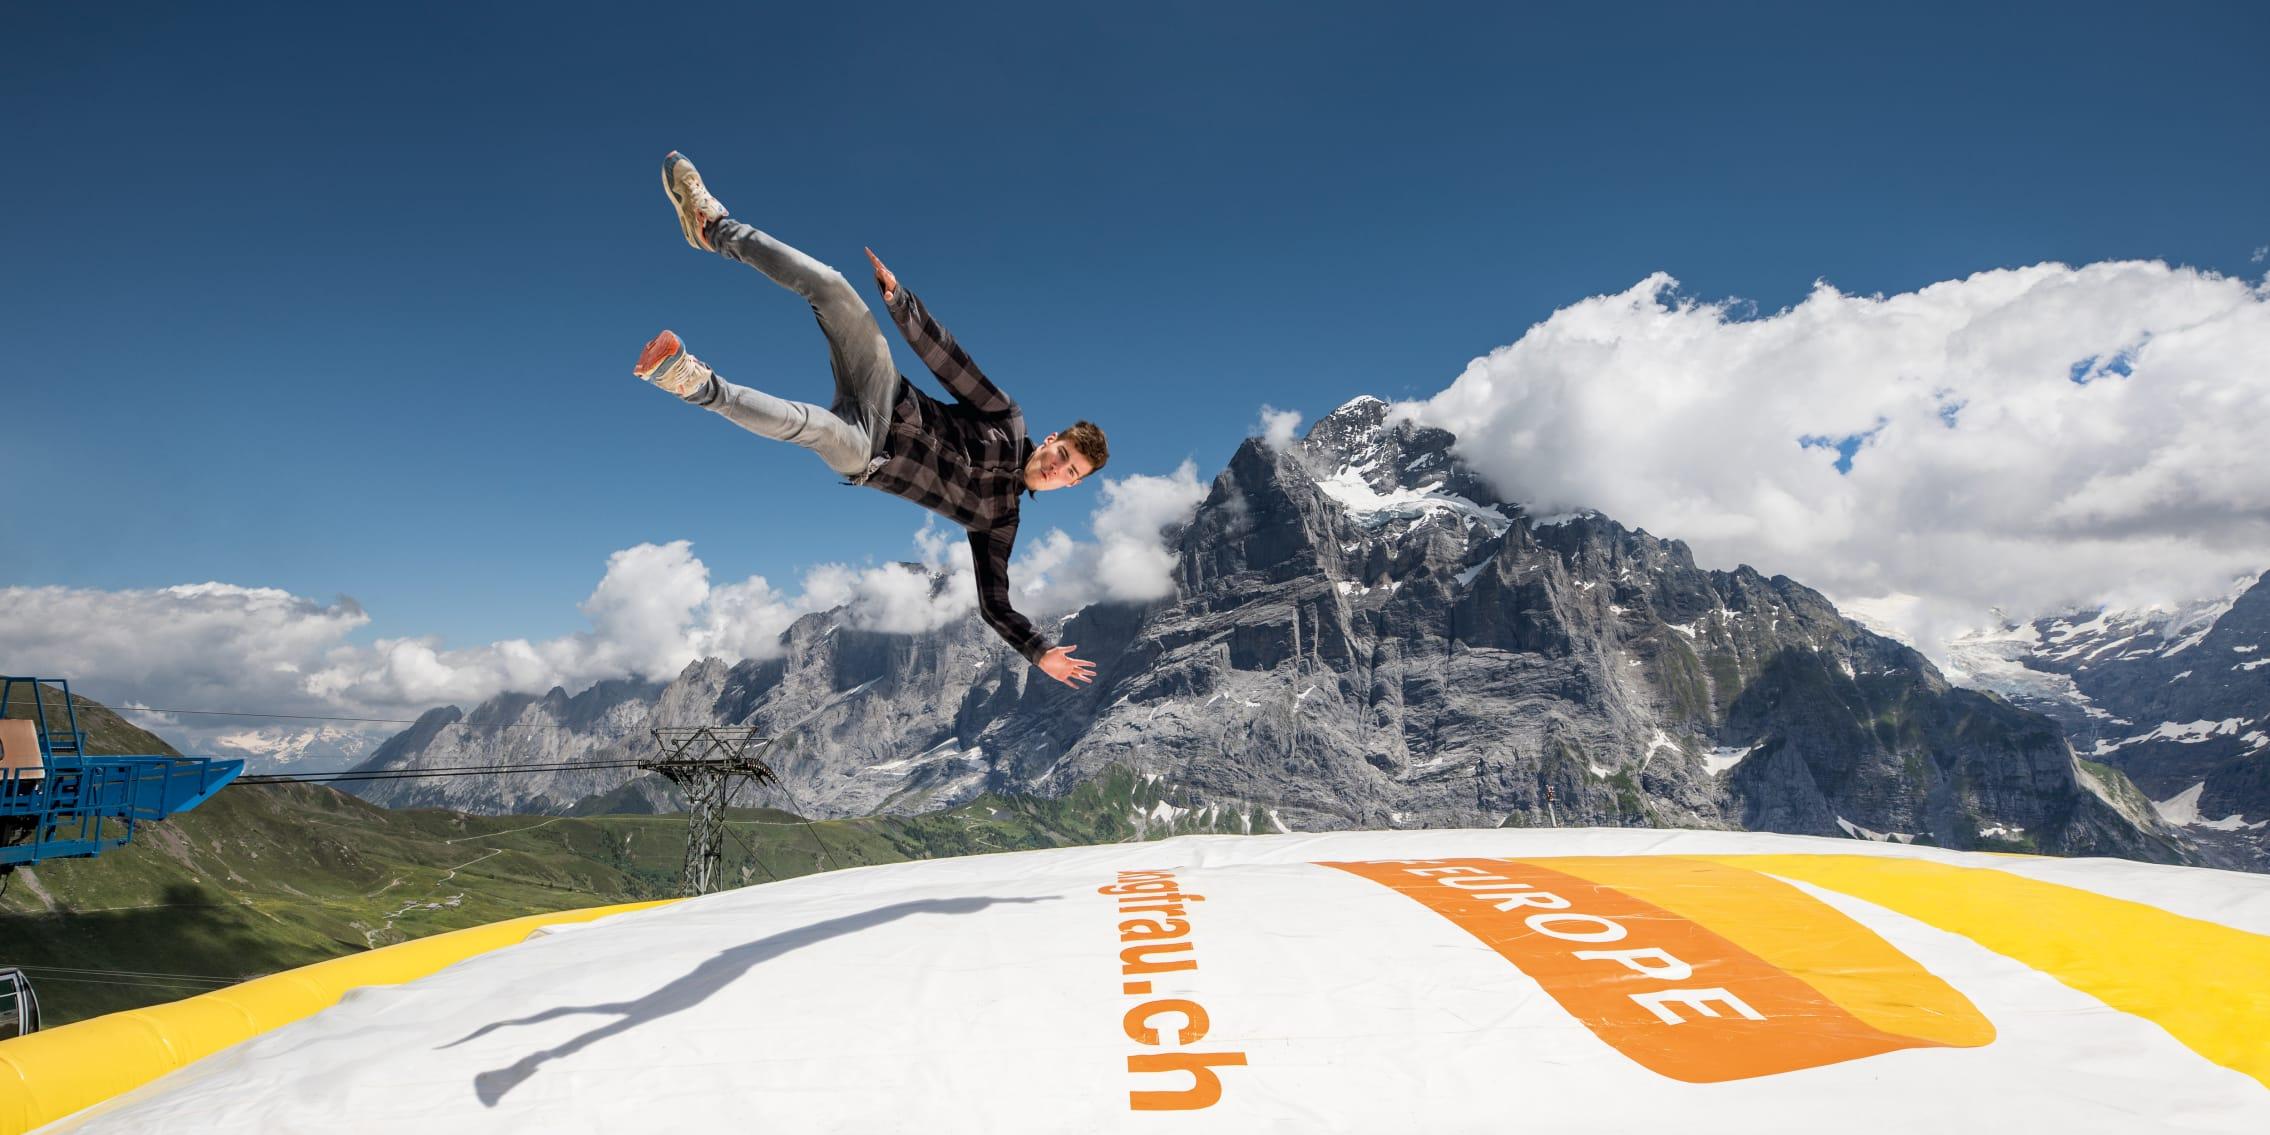 Elie-Stettler, Erlebnisse-Aktivitaeten, First Bagjump, Grindelwald-First-Sommer, Jahreszeit, Mitarbeiter Jungfraubahnen, Sommer, jungfrau.ch